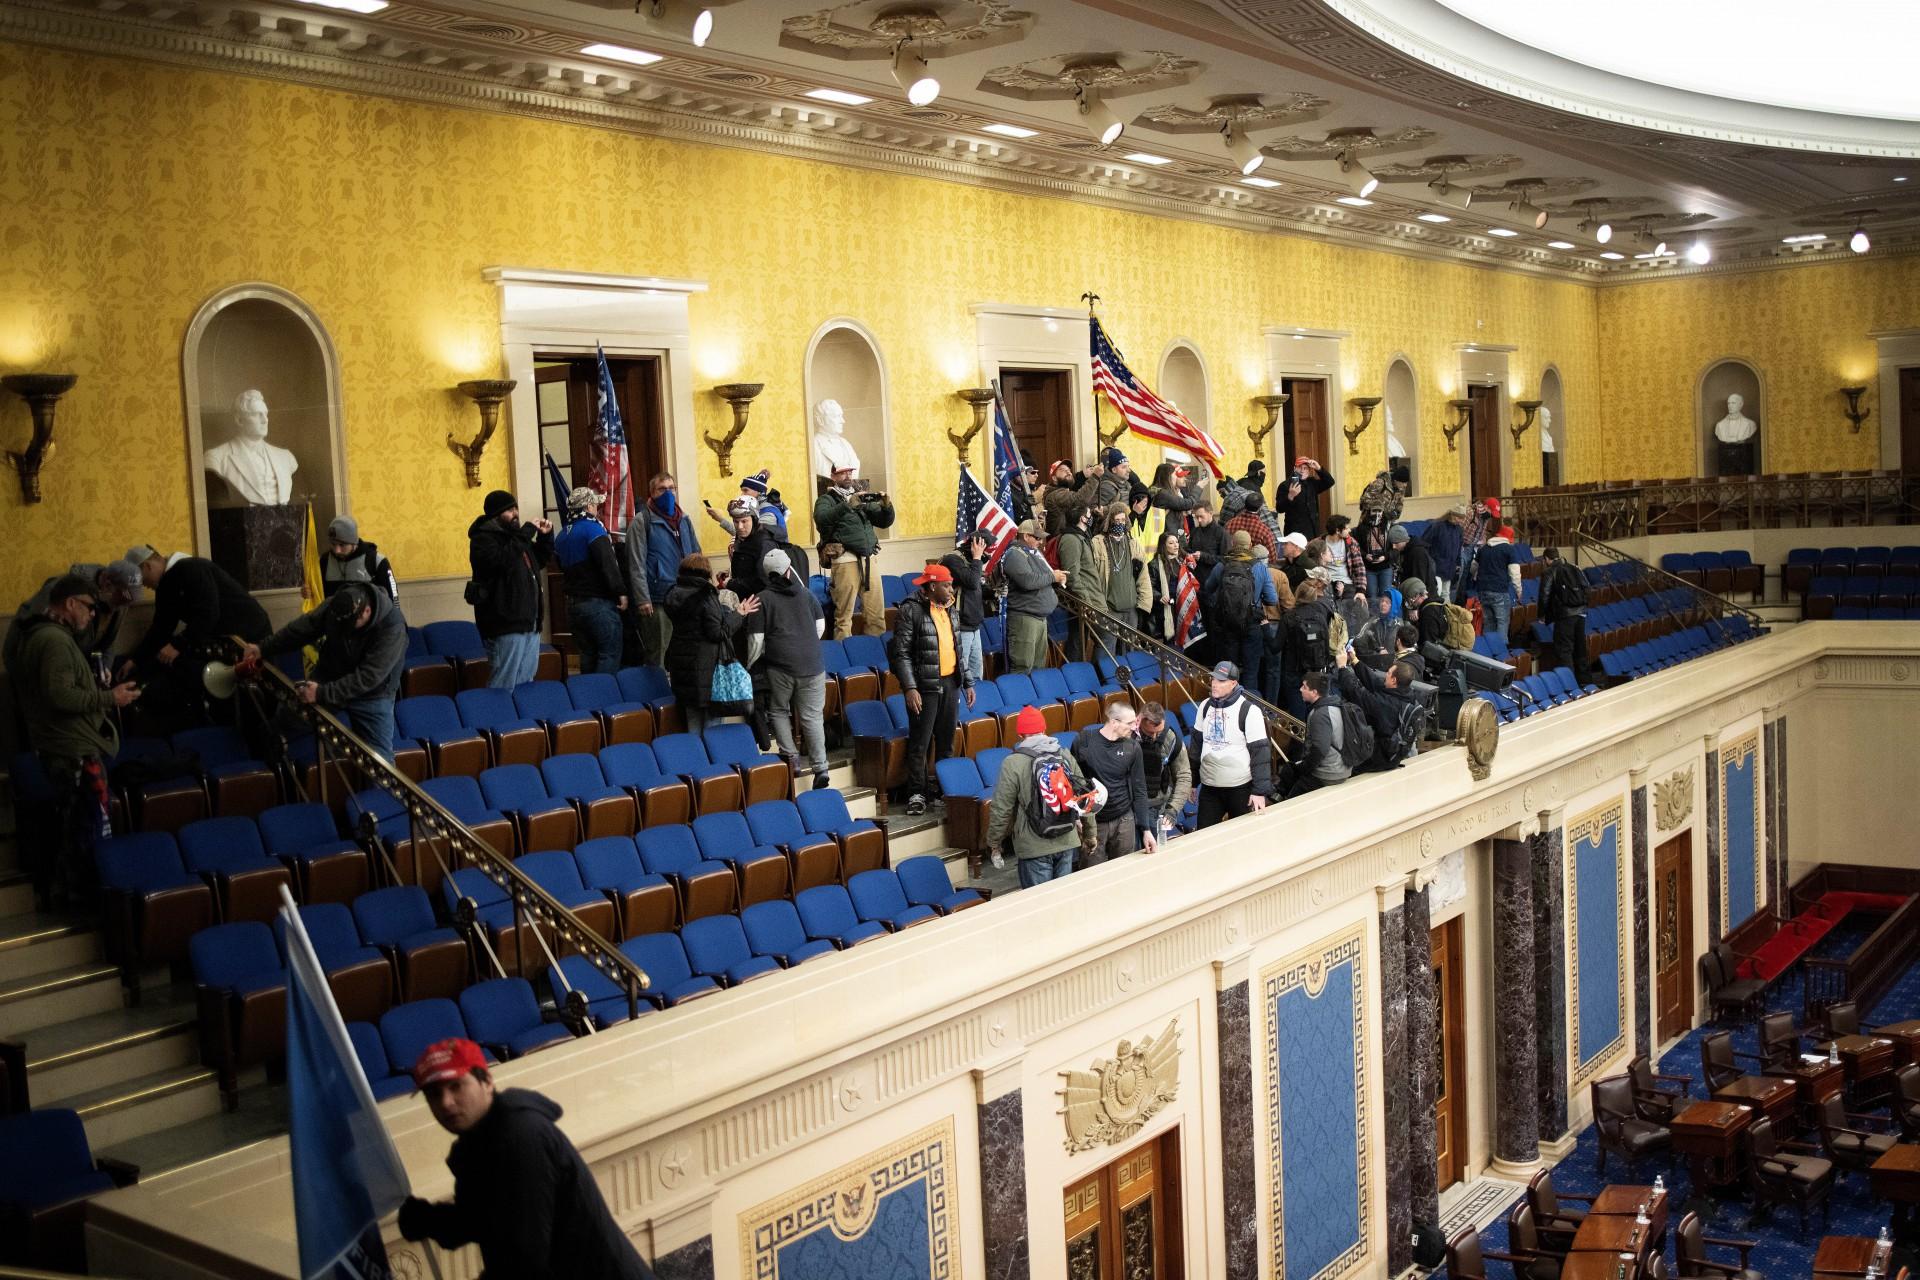 (Foto: WIN MCNAMEE / AFP)WASHINGTON, DC - 06 de janeiro: Uma multidão pró-Trump se reúne dentro da câmara do Senado no Capitólio dos EUA depois que grupos invadiram o prédio em 6 de janeiro de 2021 em Washington, DC. O Congresso realizou uma sessão conjunta hoje para ratificar a vitória do Colégio Eleitoral 306-232 do presidente eleito Joe Biden sobre o presidente Donald Trump. Um grupo de senadores republicanos disse que rejeitaria os votos do Colégio Eleitoral de vários estados, a menos que o Congresso designasse uma comissão para auditar os resultados das eleições. Win McNamee / Getty Images / AFP